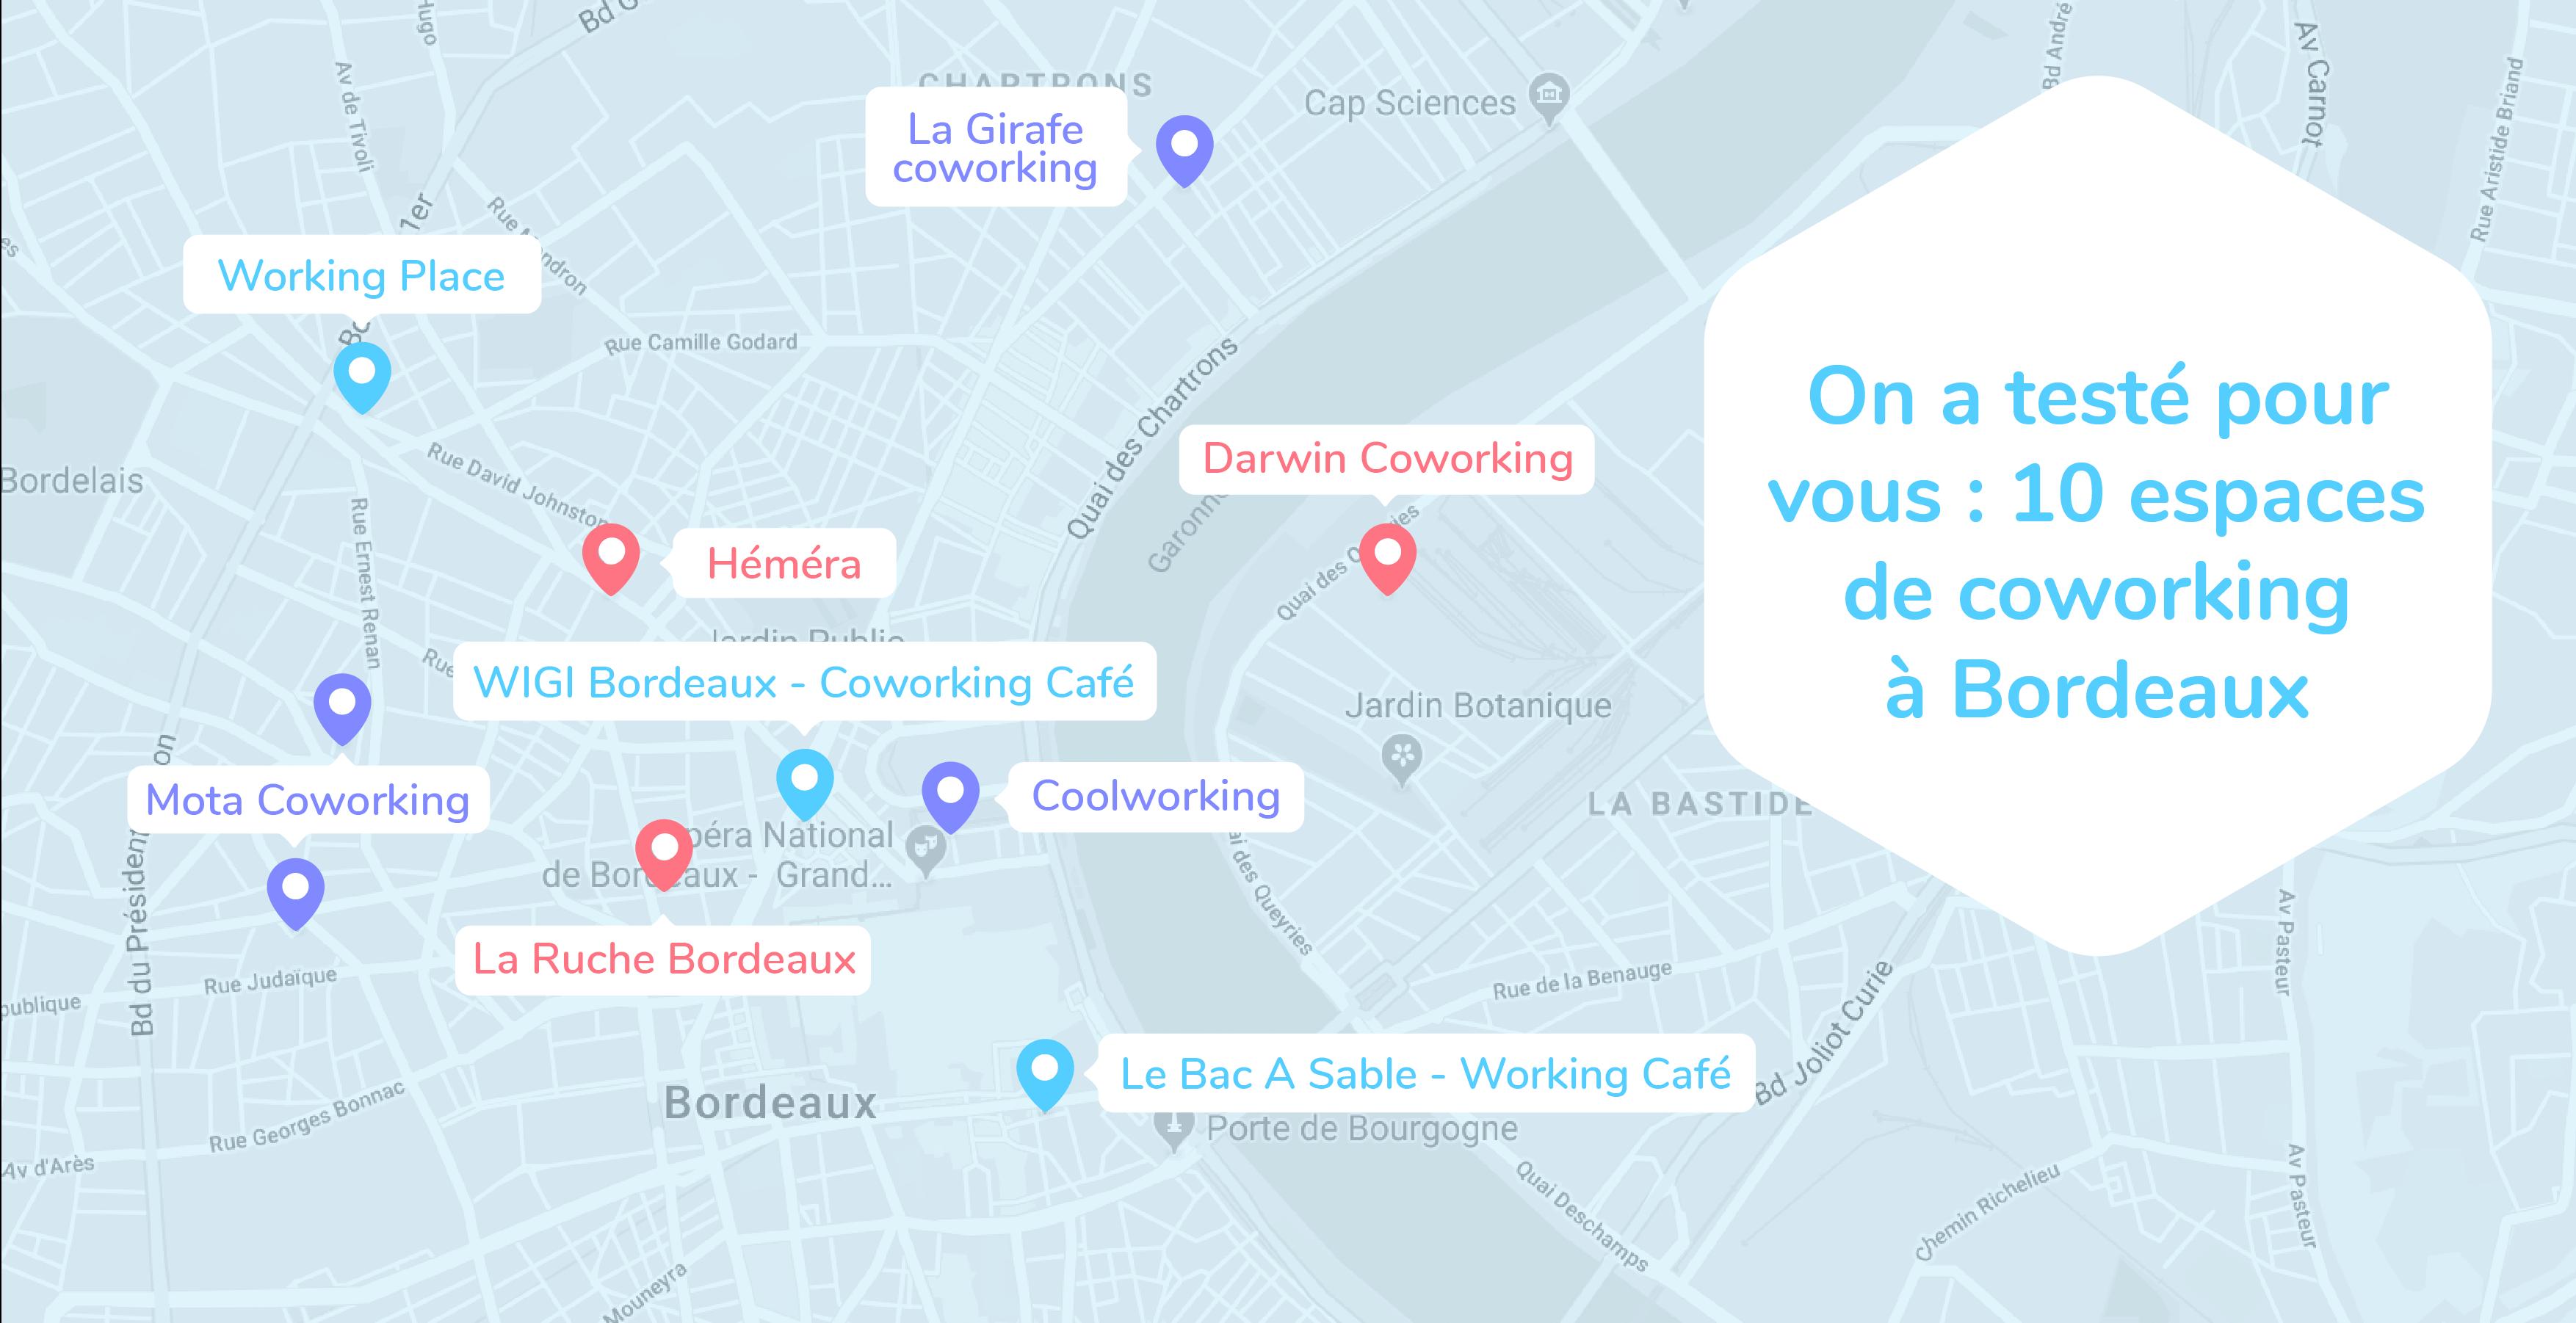 10 espaces de coworking à Bordeaux